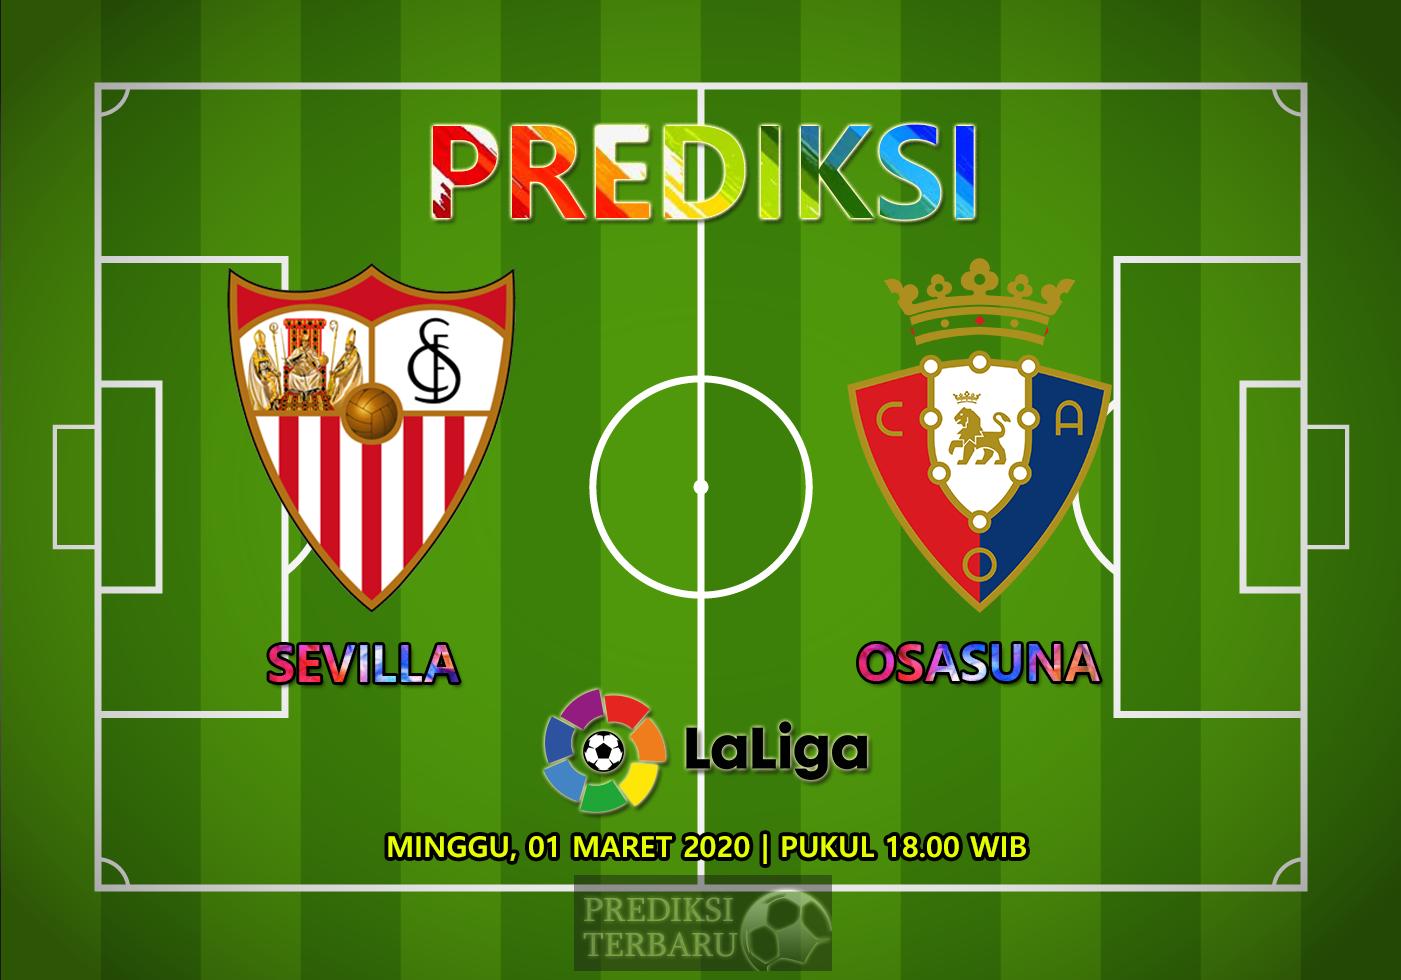 Prediksi Sevilla Vs Osasuna Minggu 01 Maret